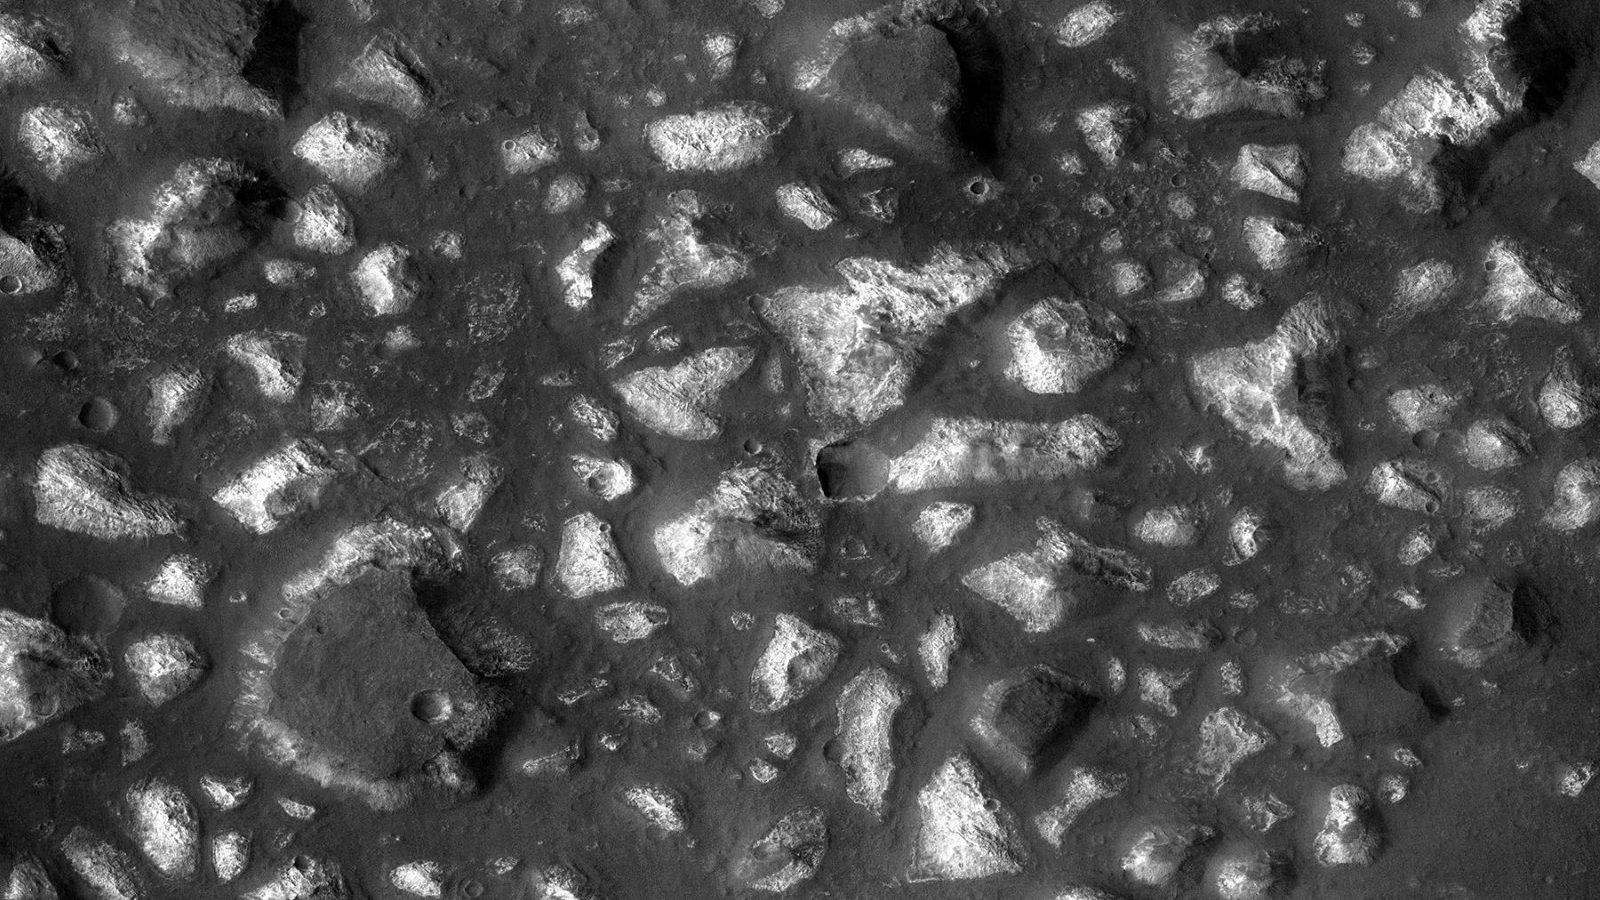 Mars' Eridania region